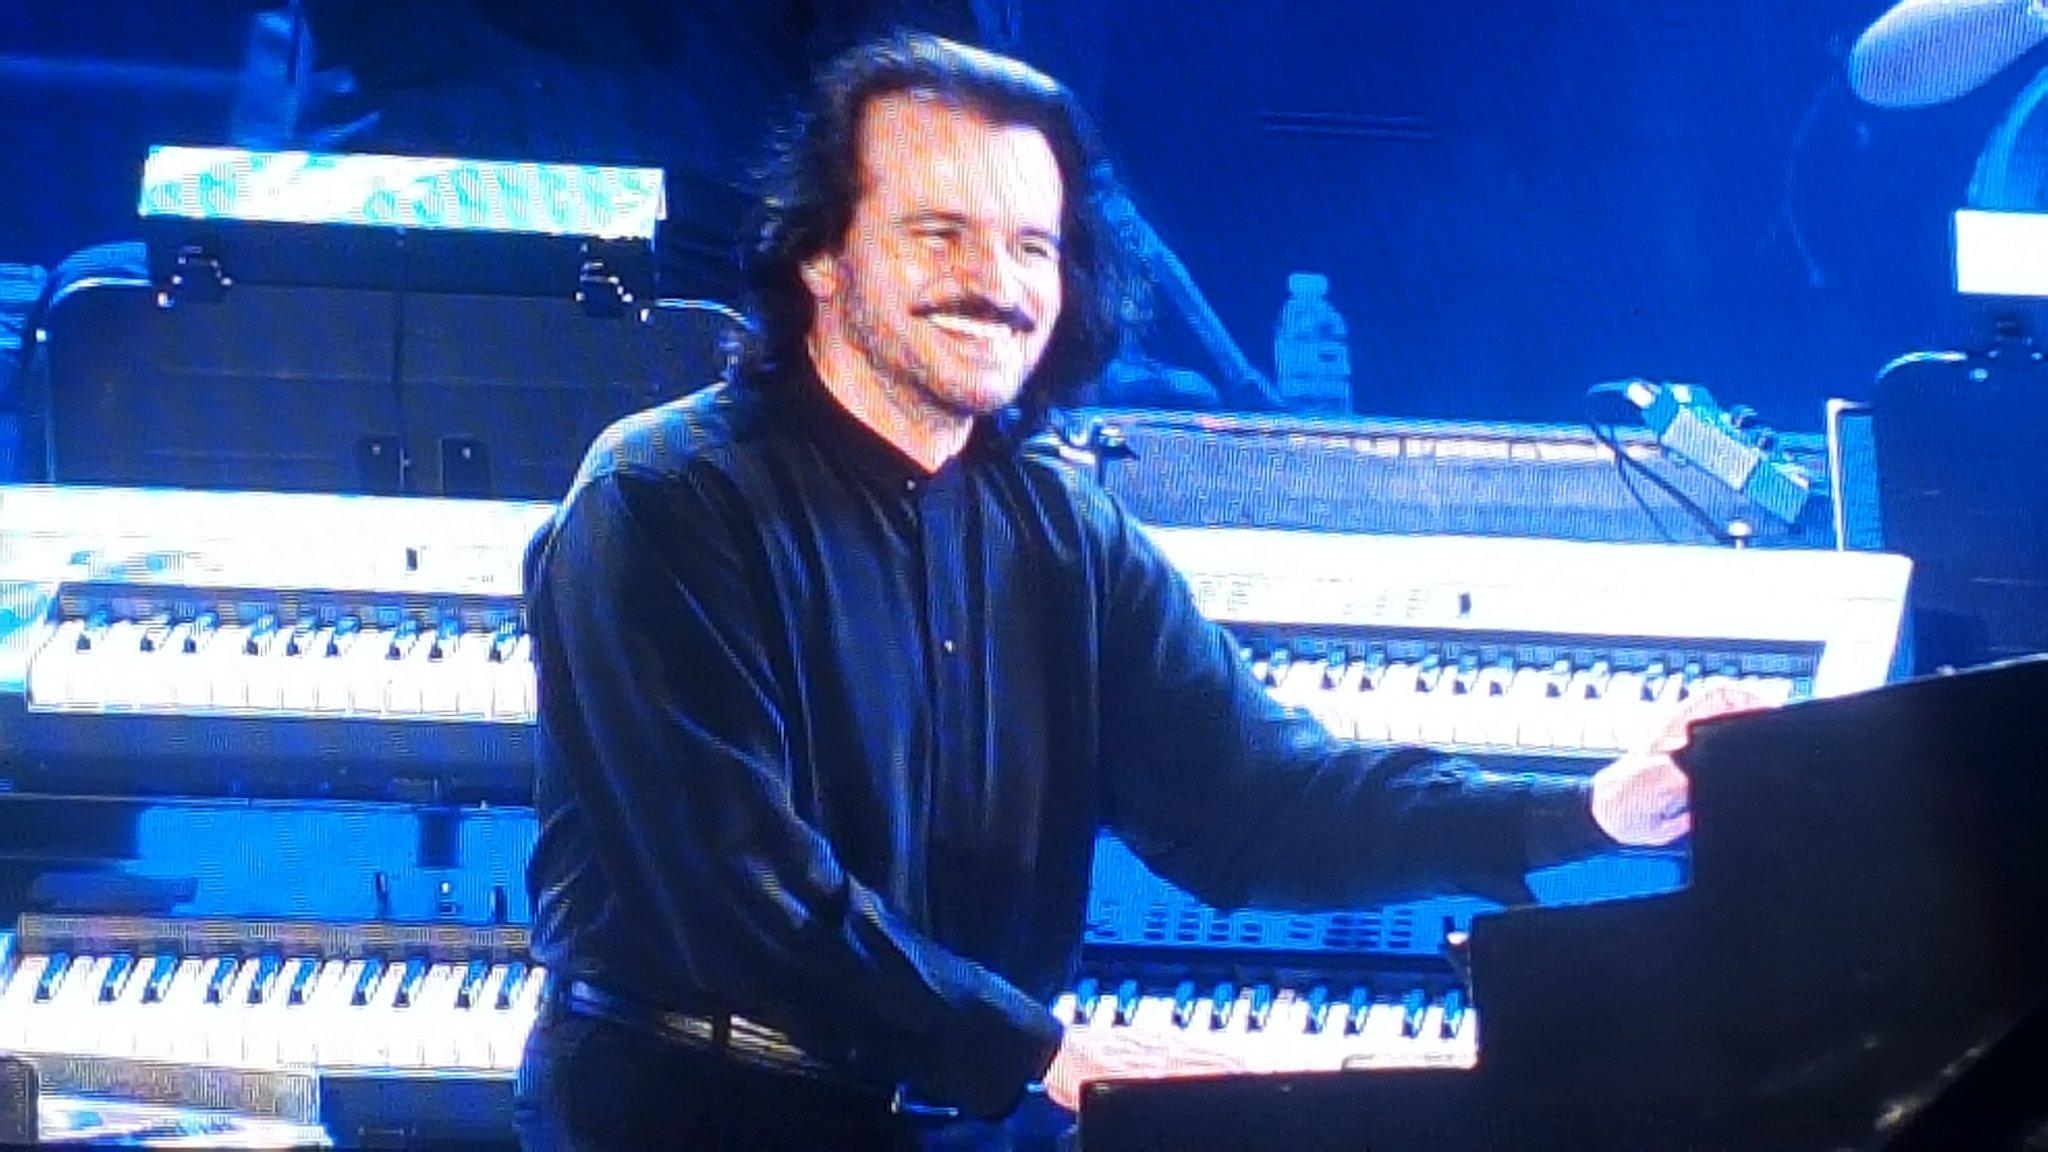 Recorrer el mundo en una noche. #Yanni #magicjourney https://t.co/cS4rS2l5kP